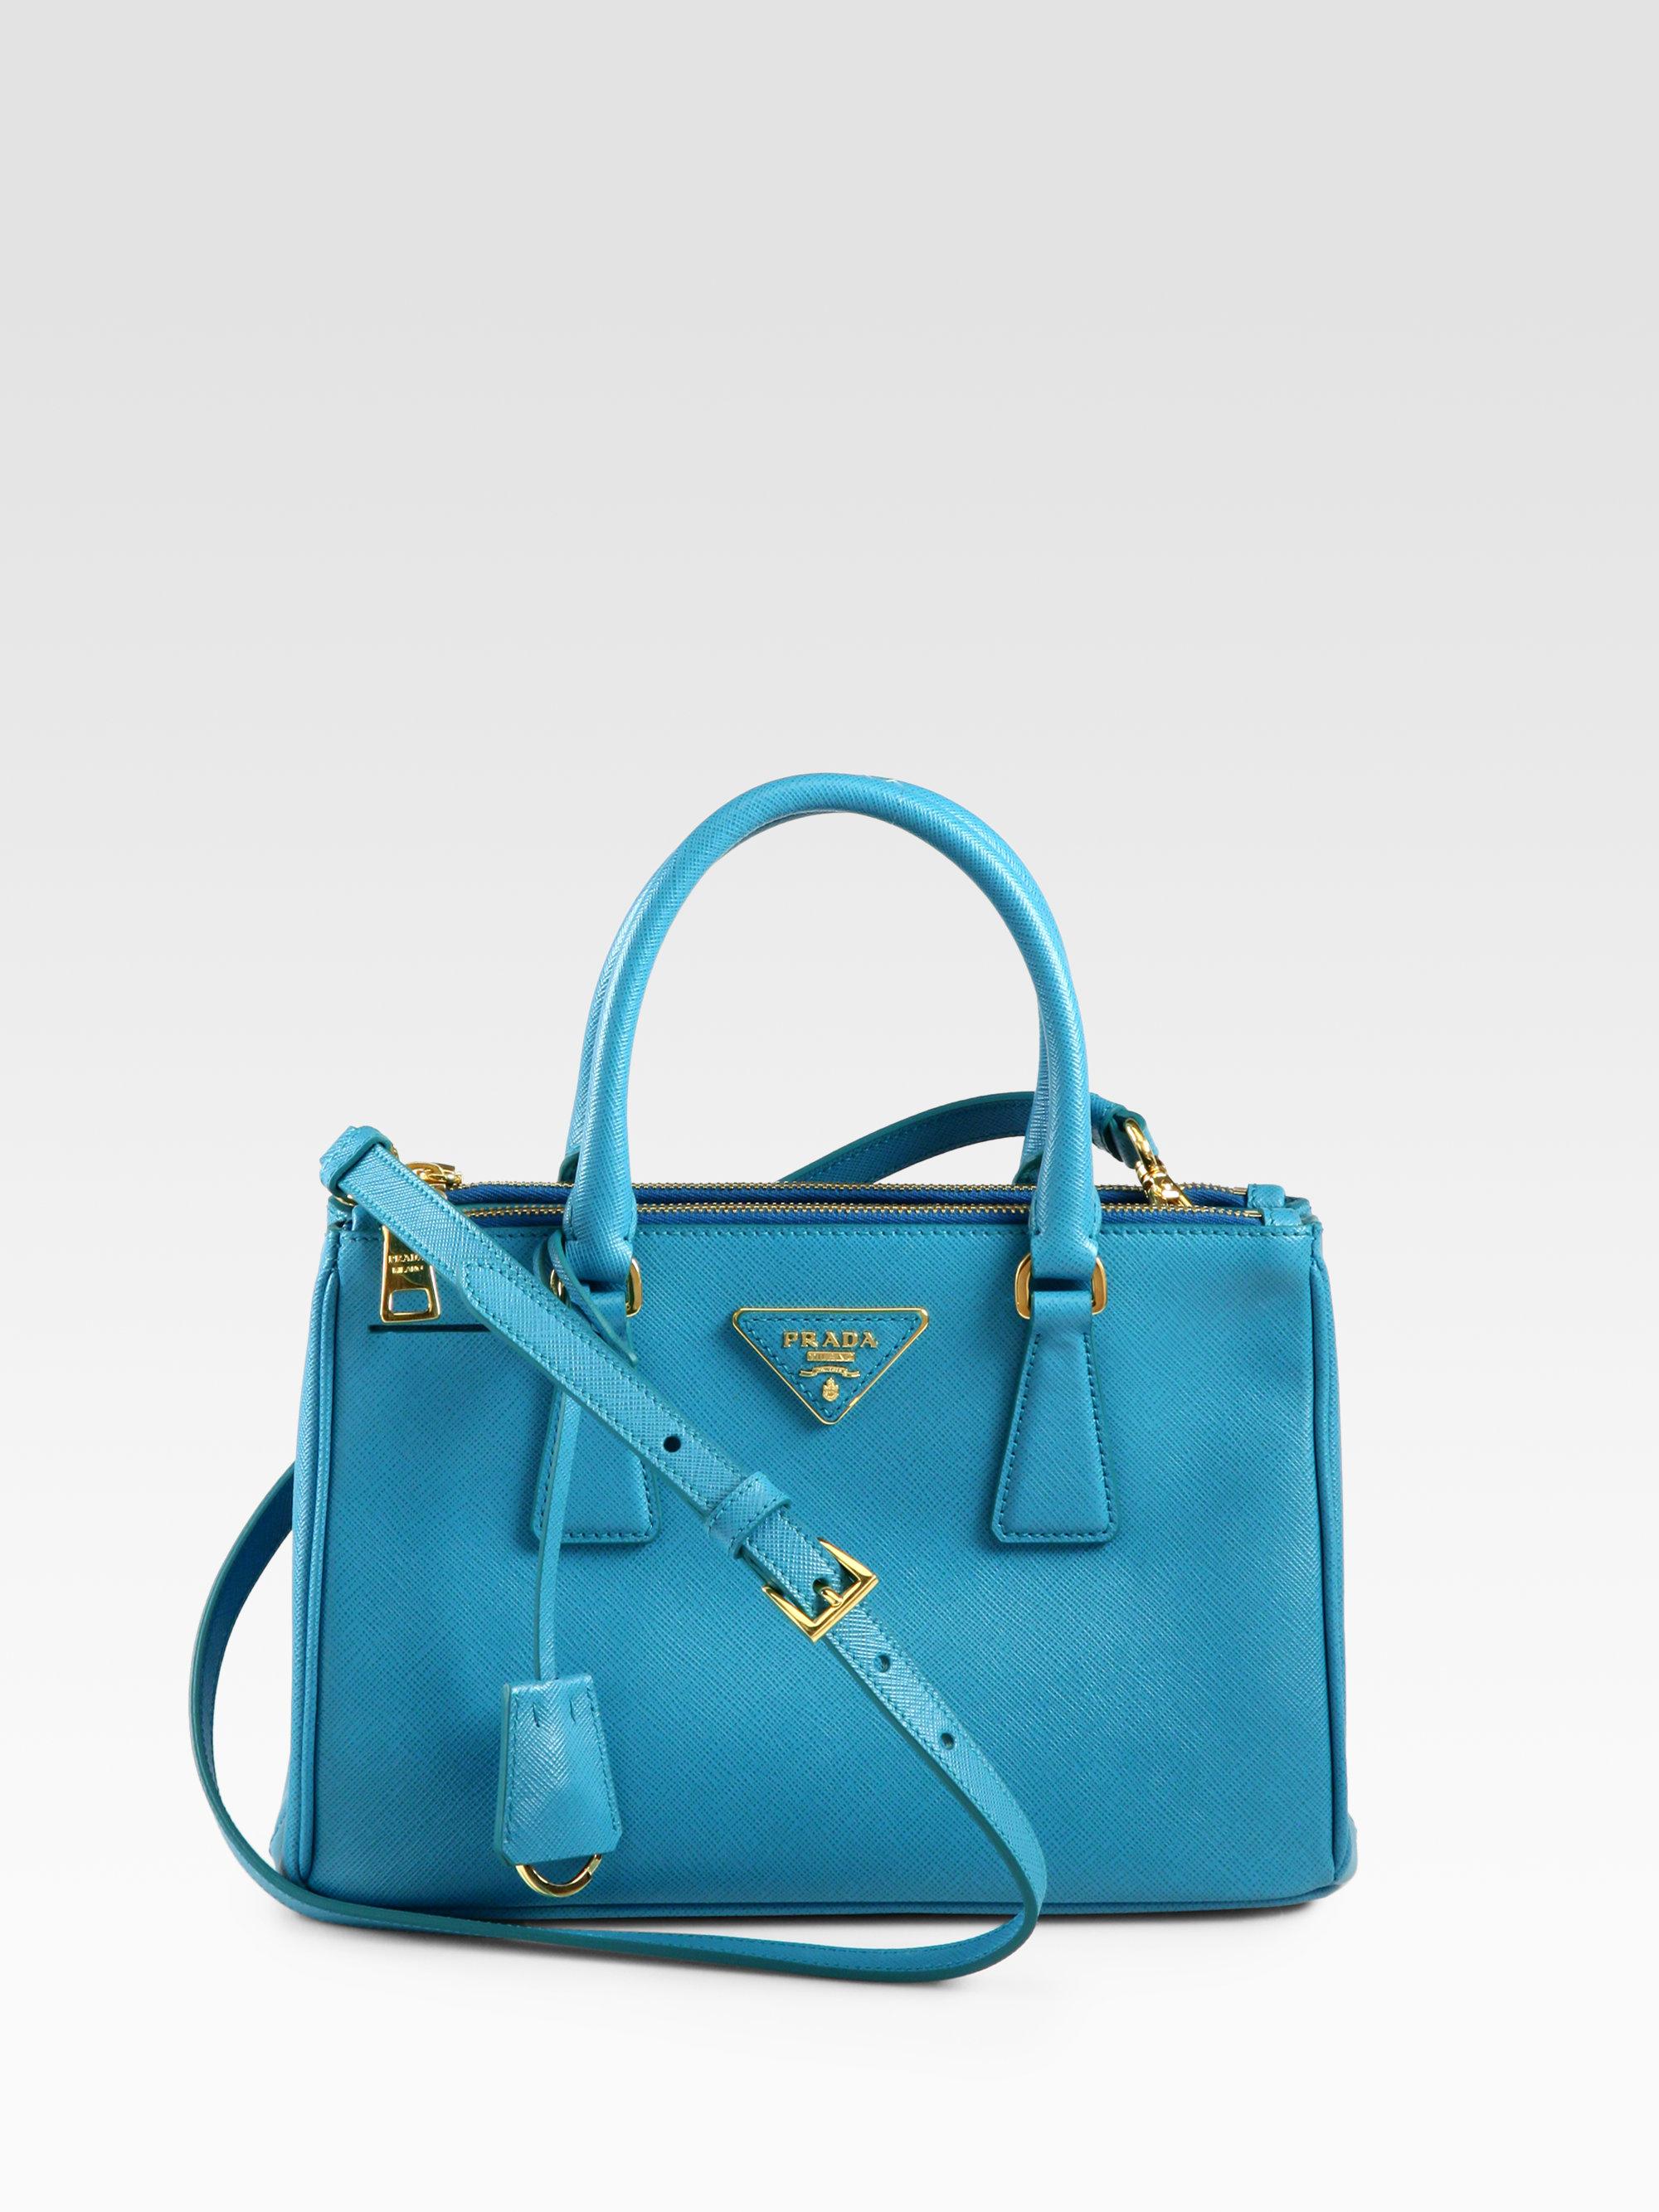 Prada Saffiano Lux Small Double-zip Tote in Blue (TURCHESE) | Lyst - Prada tote baltic blue